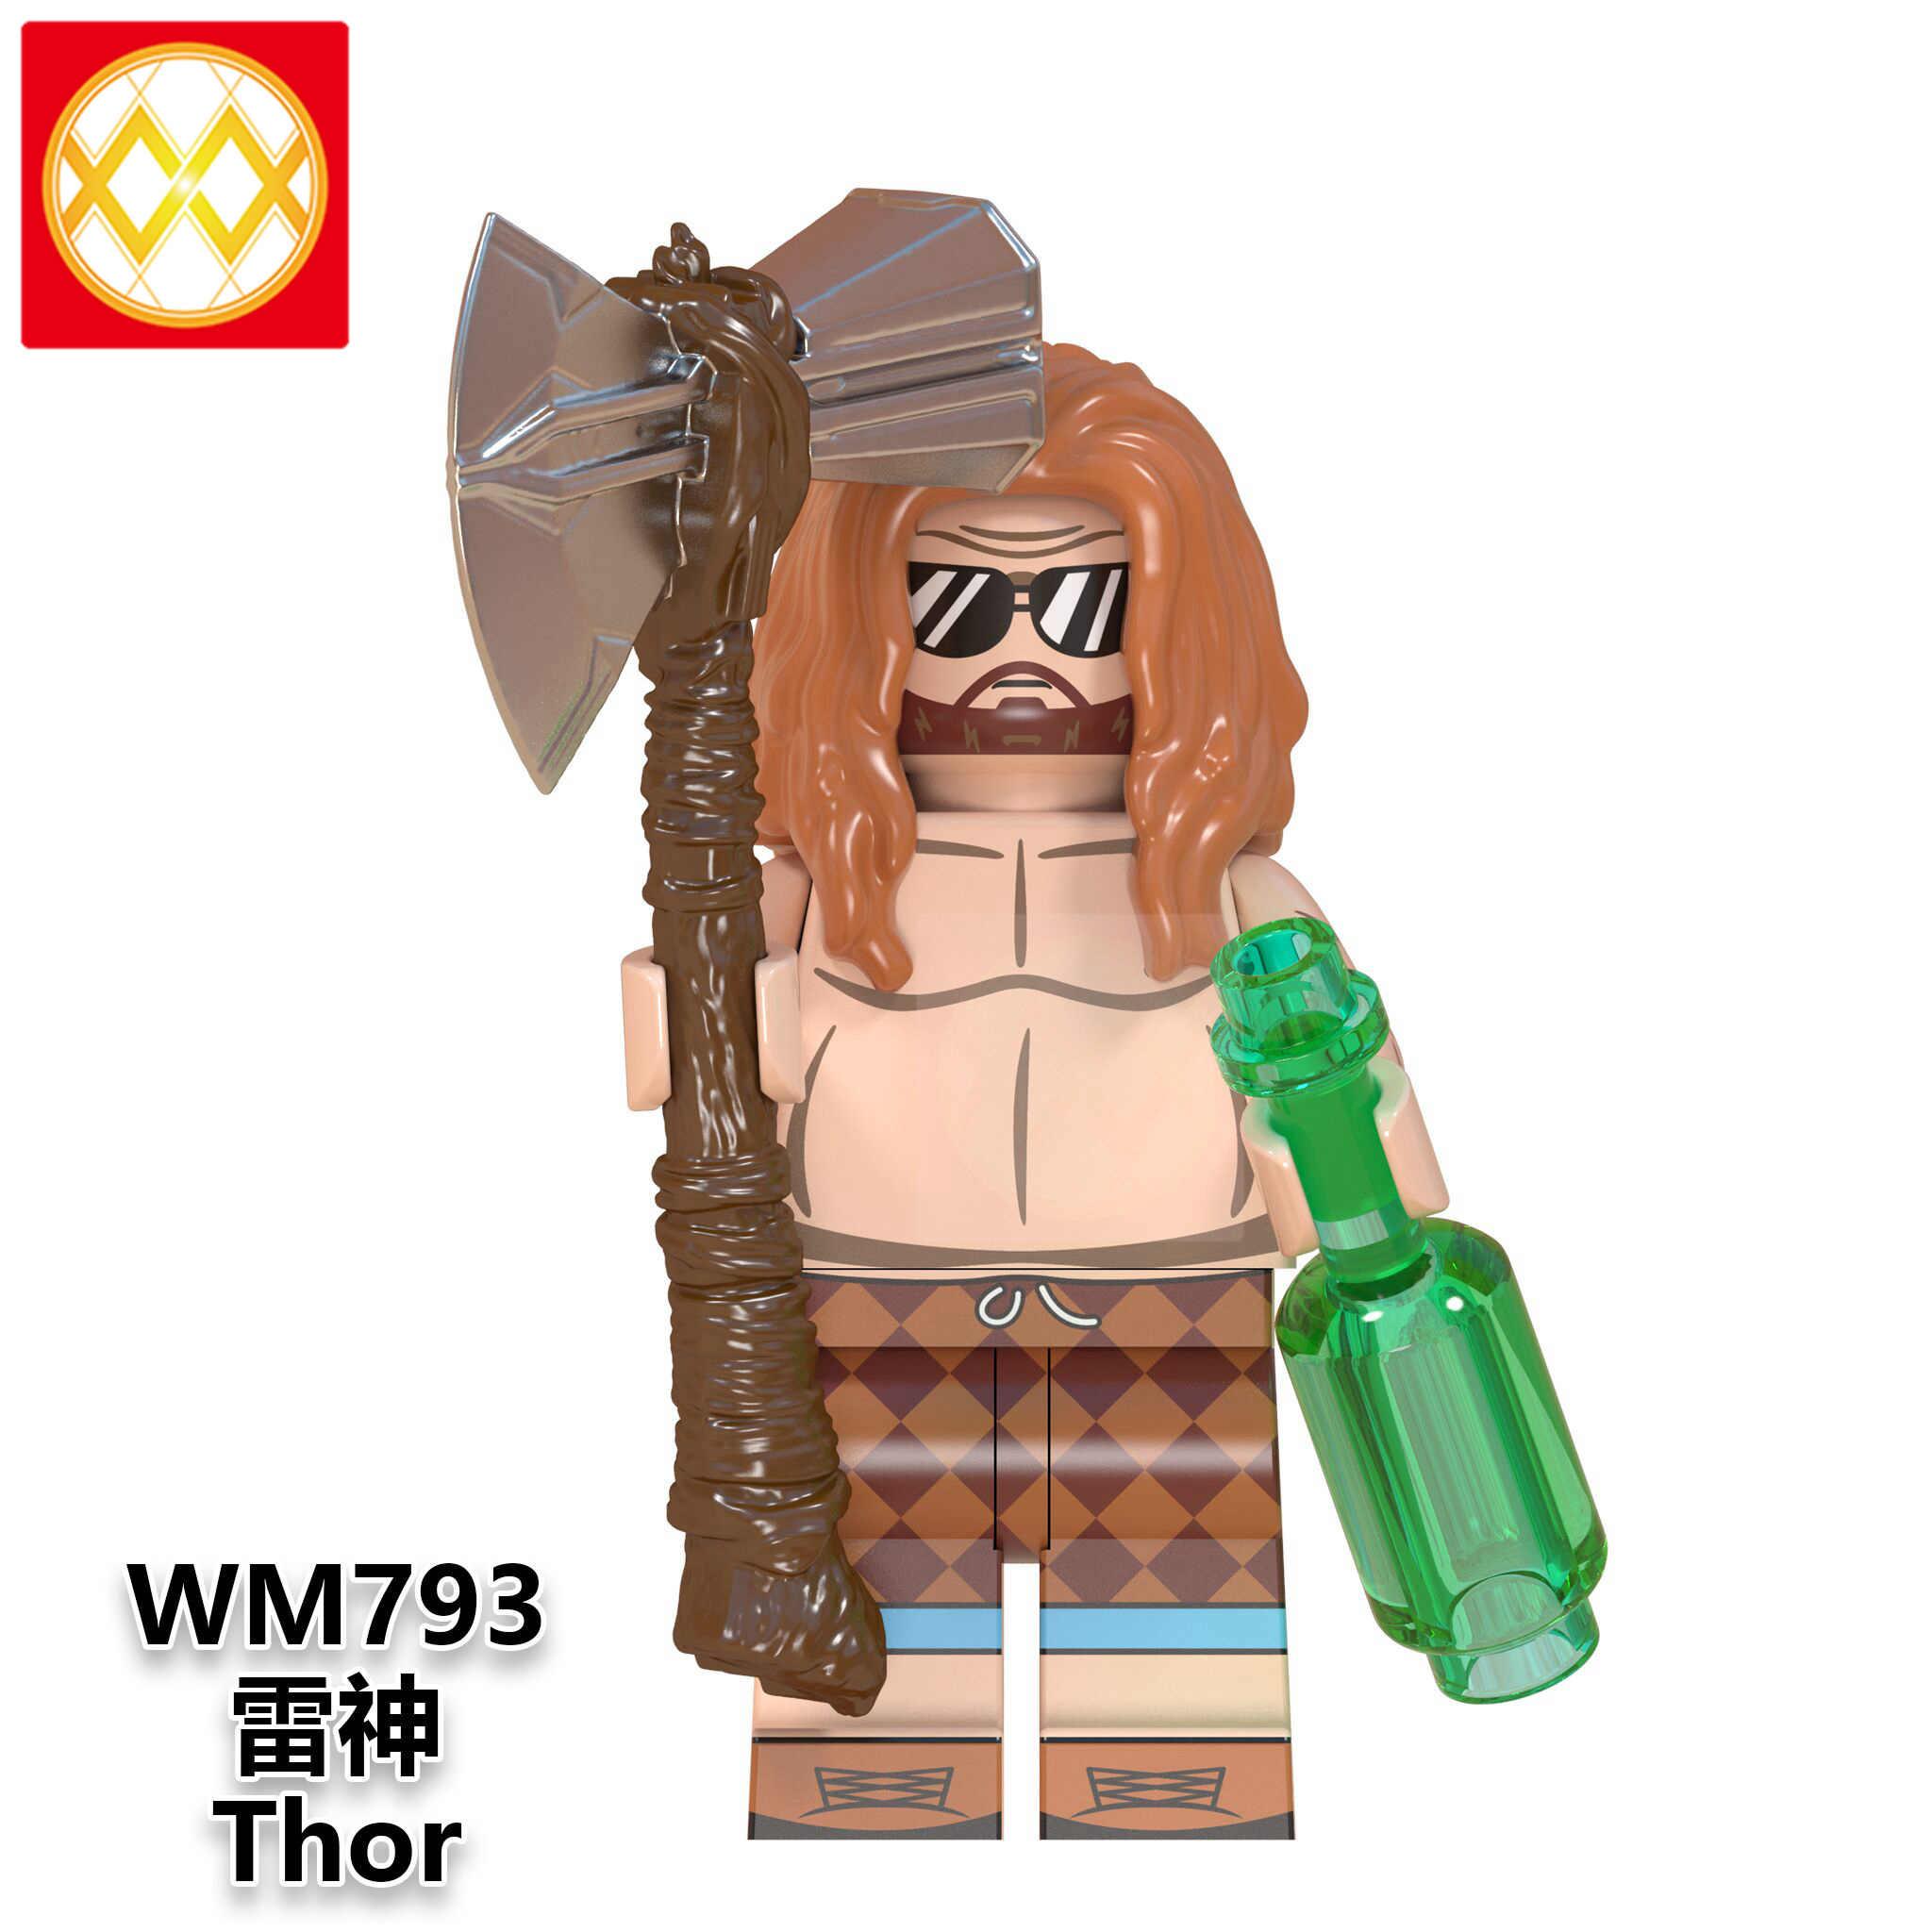 Singolo WM793 Thor Birra Tempesta Ascia Cola Asgard Gelo Giants Loki Laufey Odin Avengers Endgame Blocchi di Costruzione Per Bambini Giocattoli del Regalo